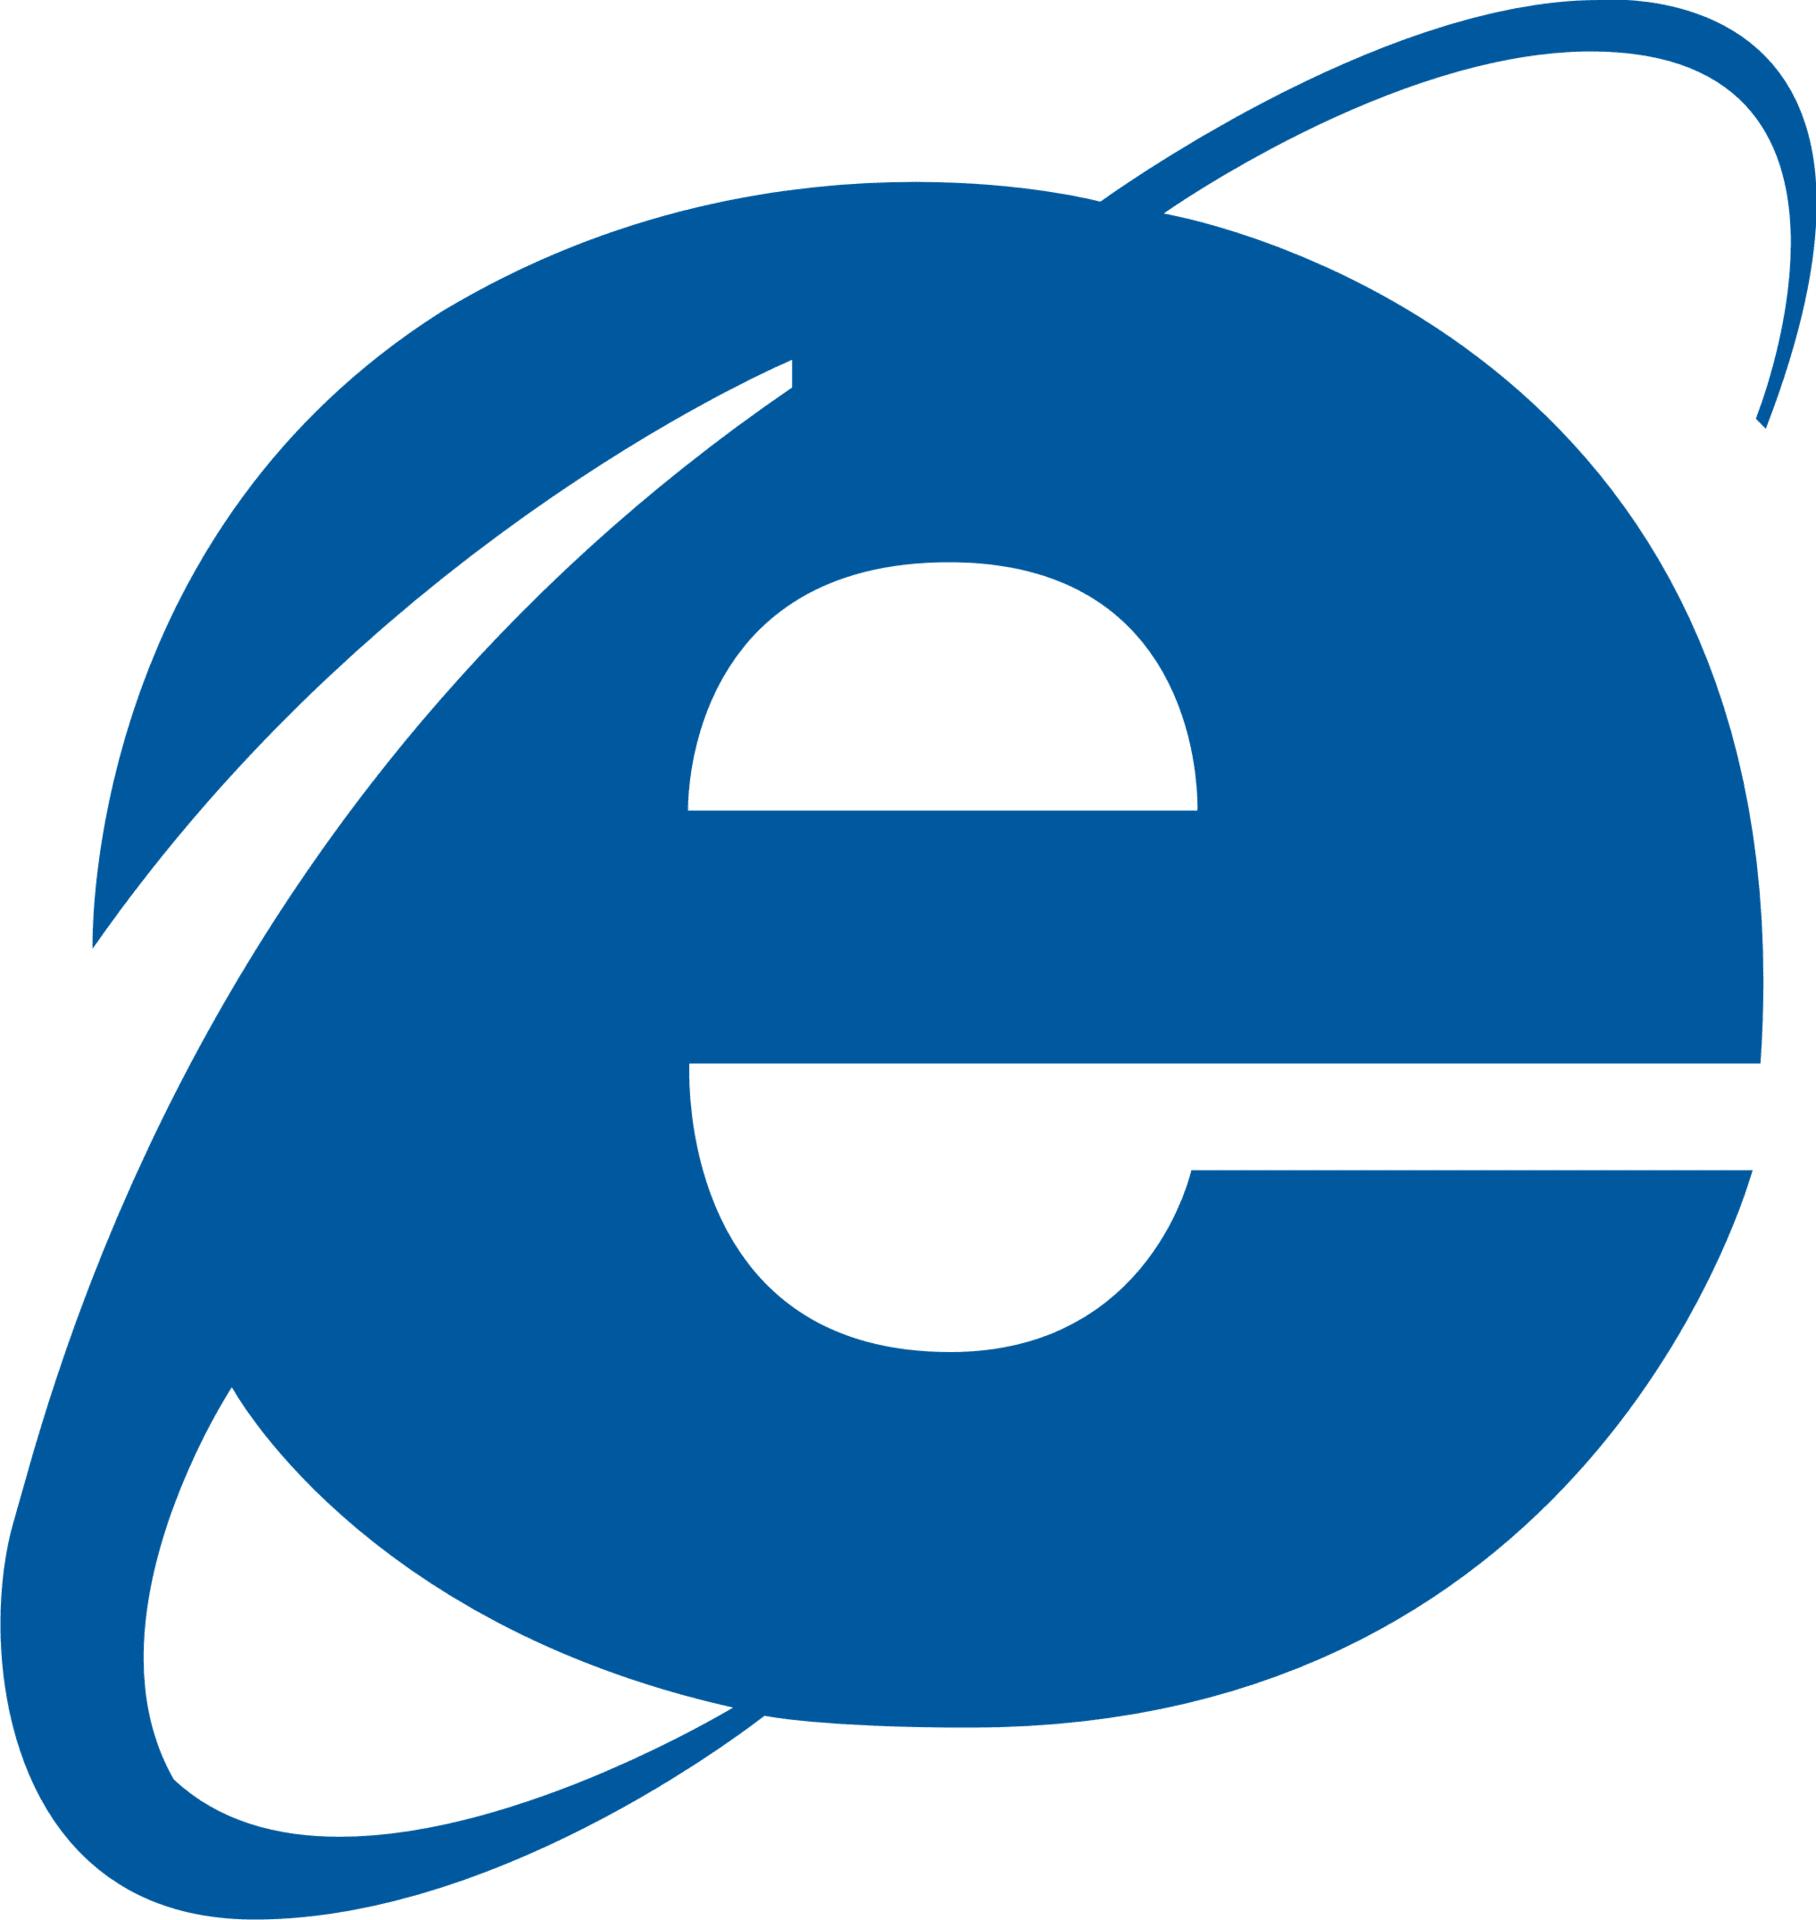 エクスプローラー インターネット